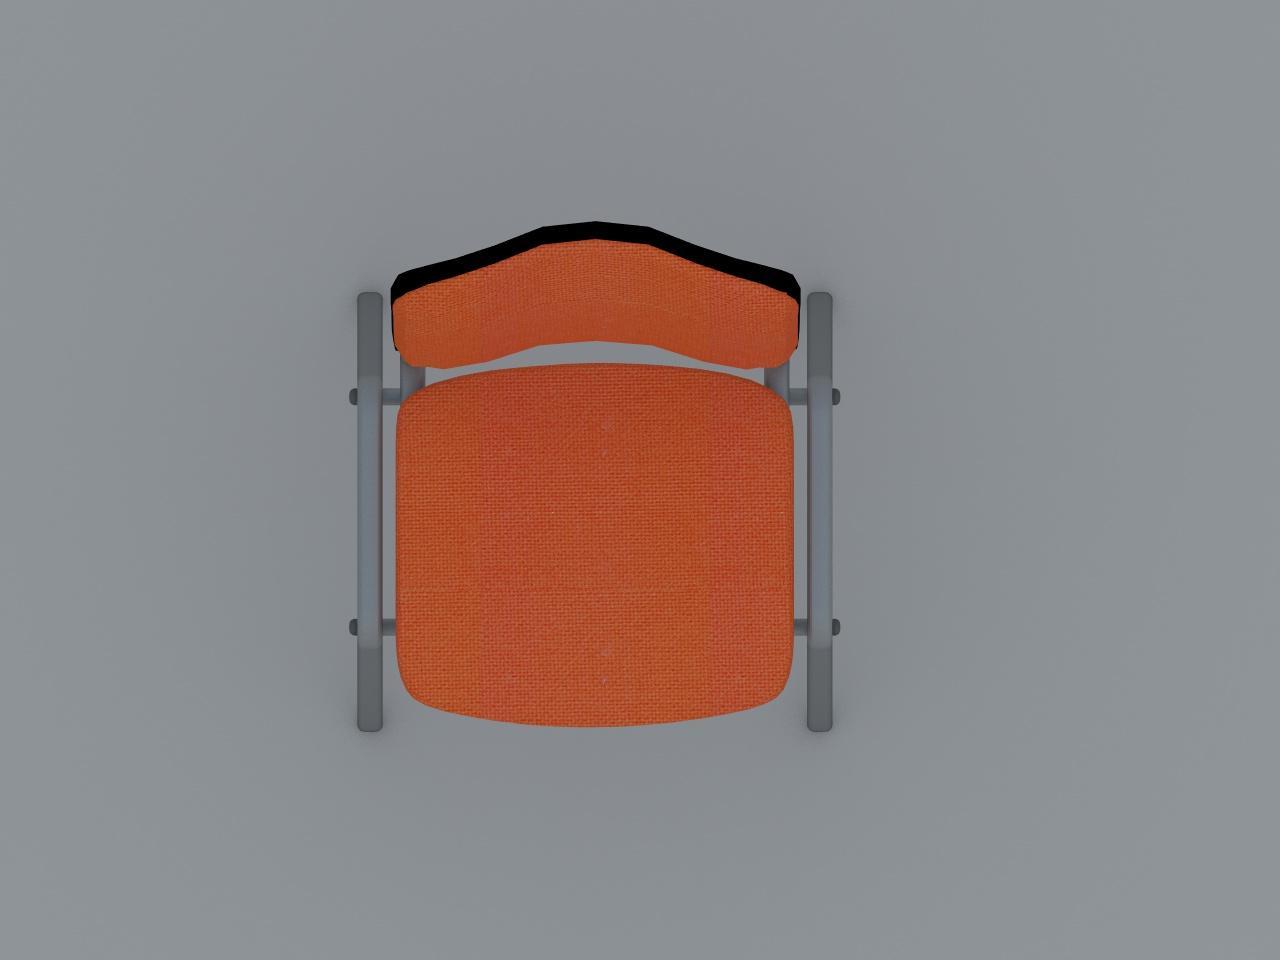 silla de visita tubo plano hormas vinilicas